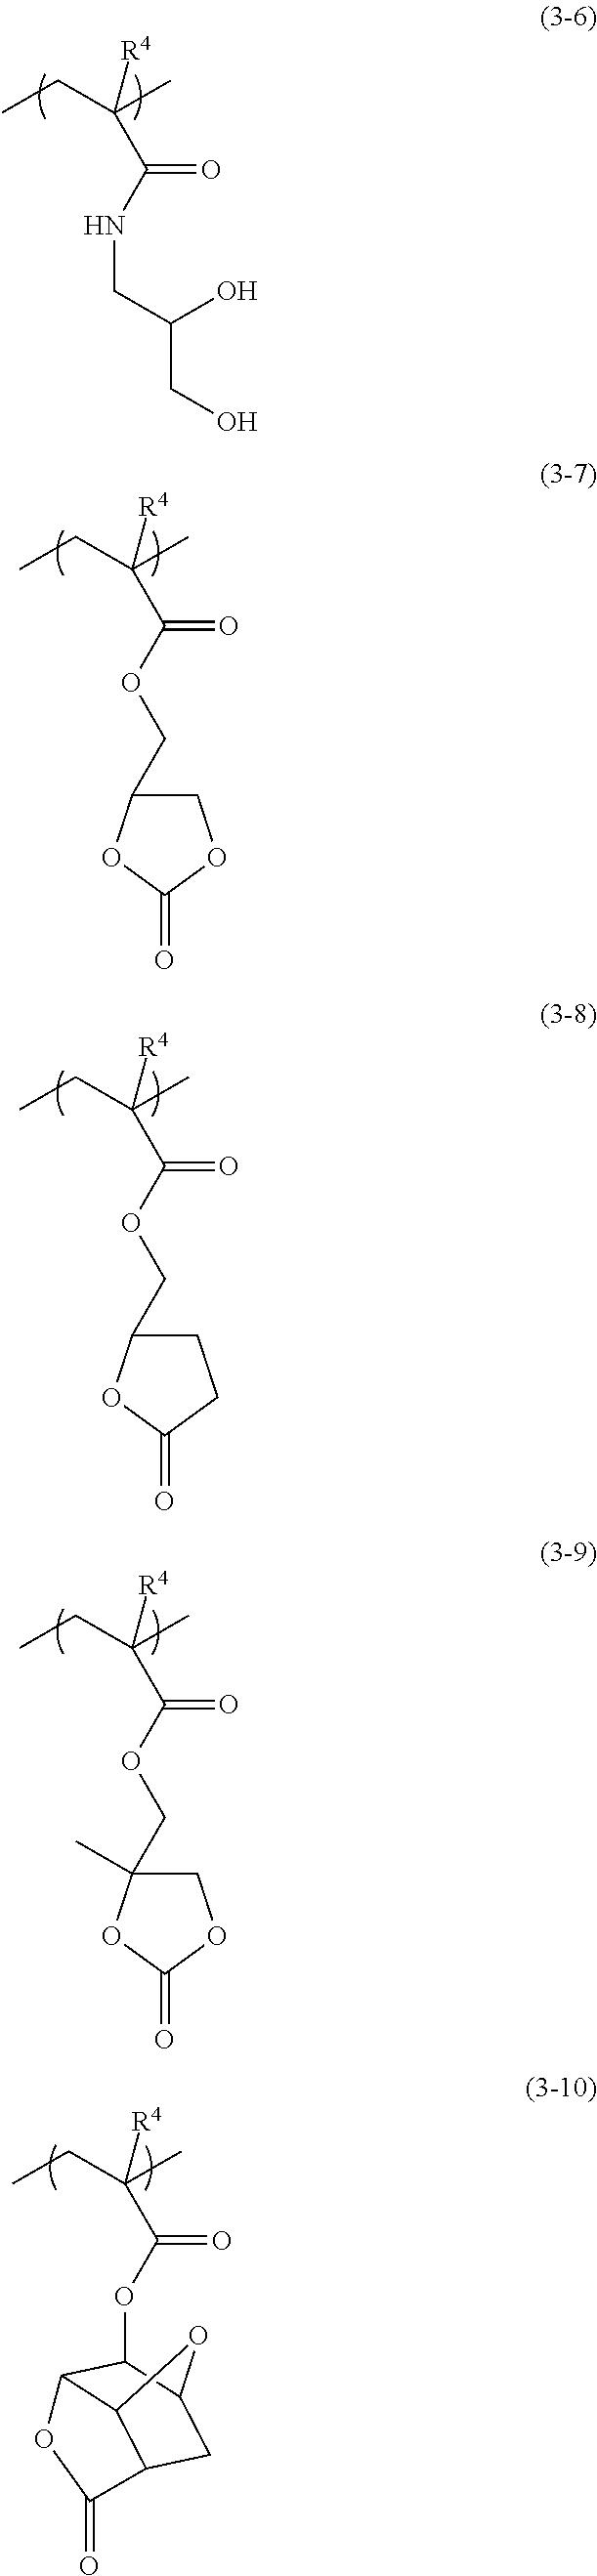 Figure US09477149-20161025-C00028